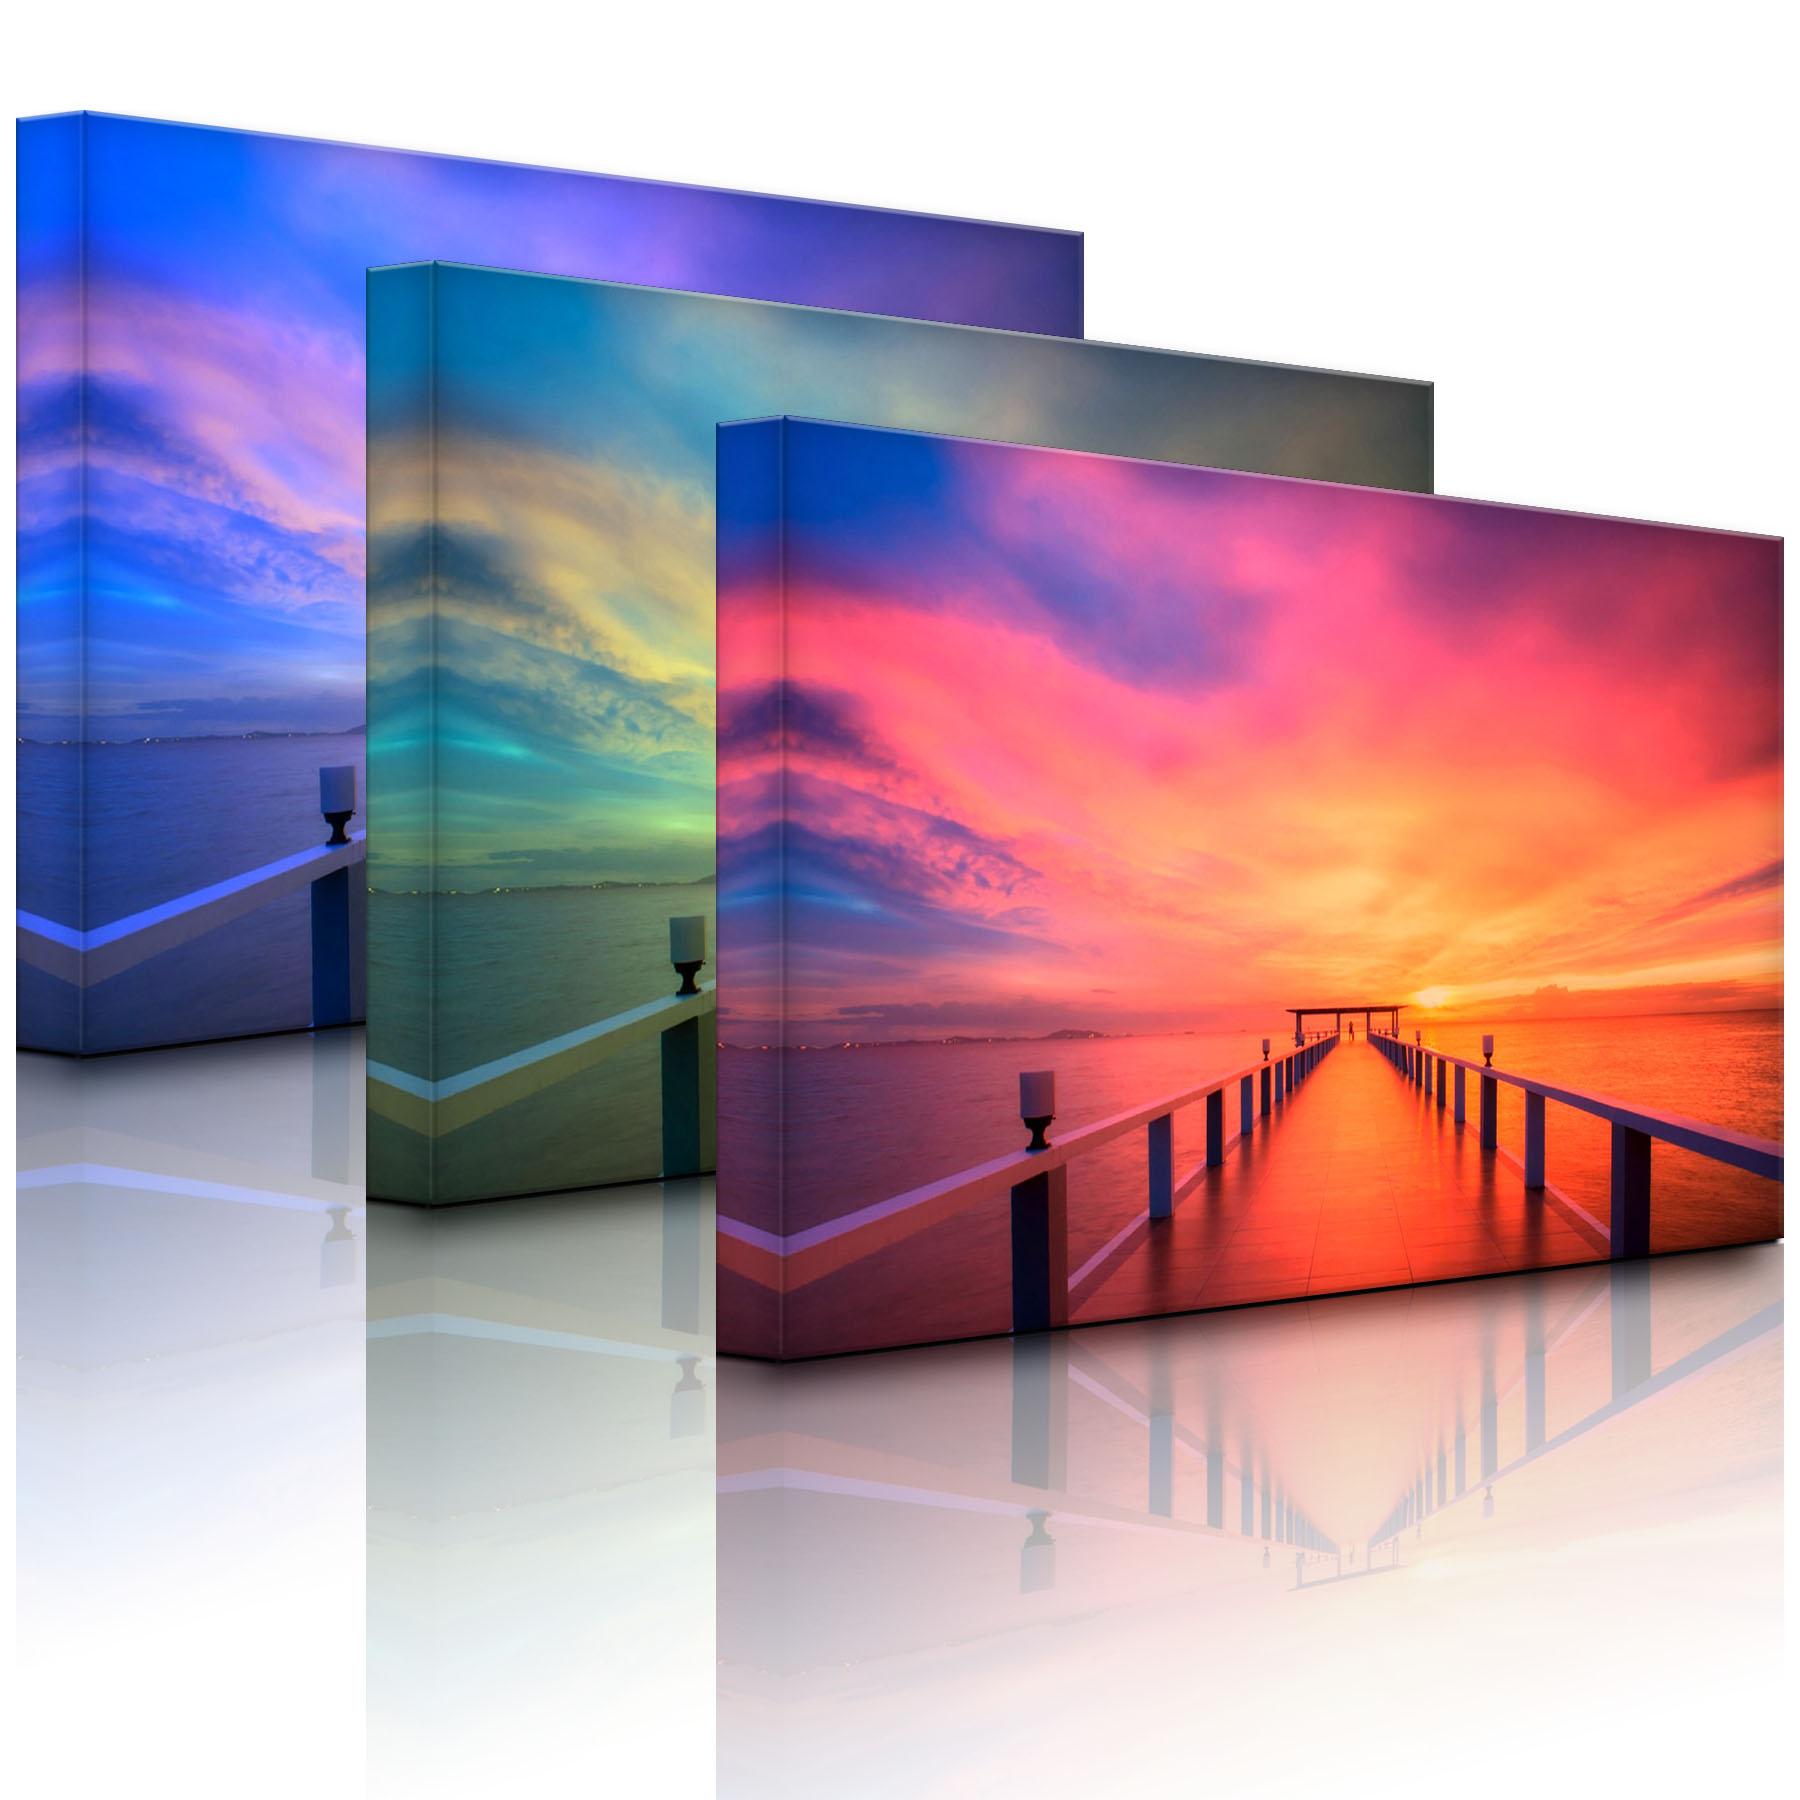 leuchtbild led bild langer steg mit vertr umtem himmel fully lighted ebay. Black Bedroom Furniture Sets. Home Design Ideas